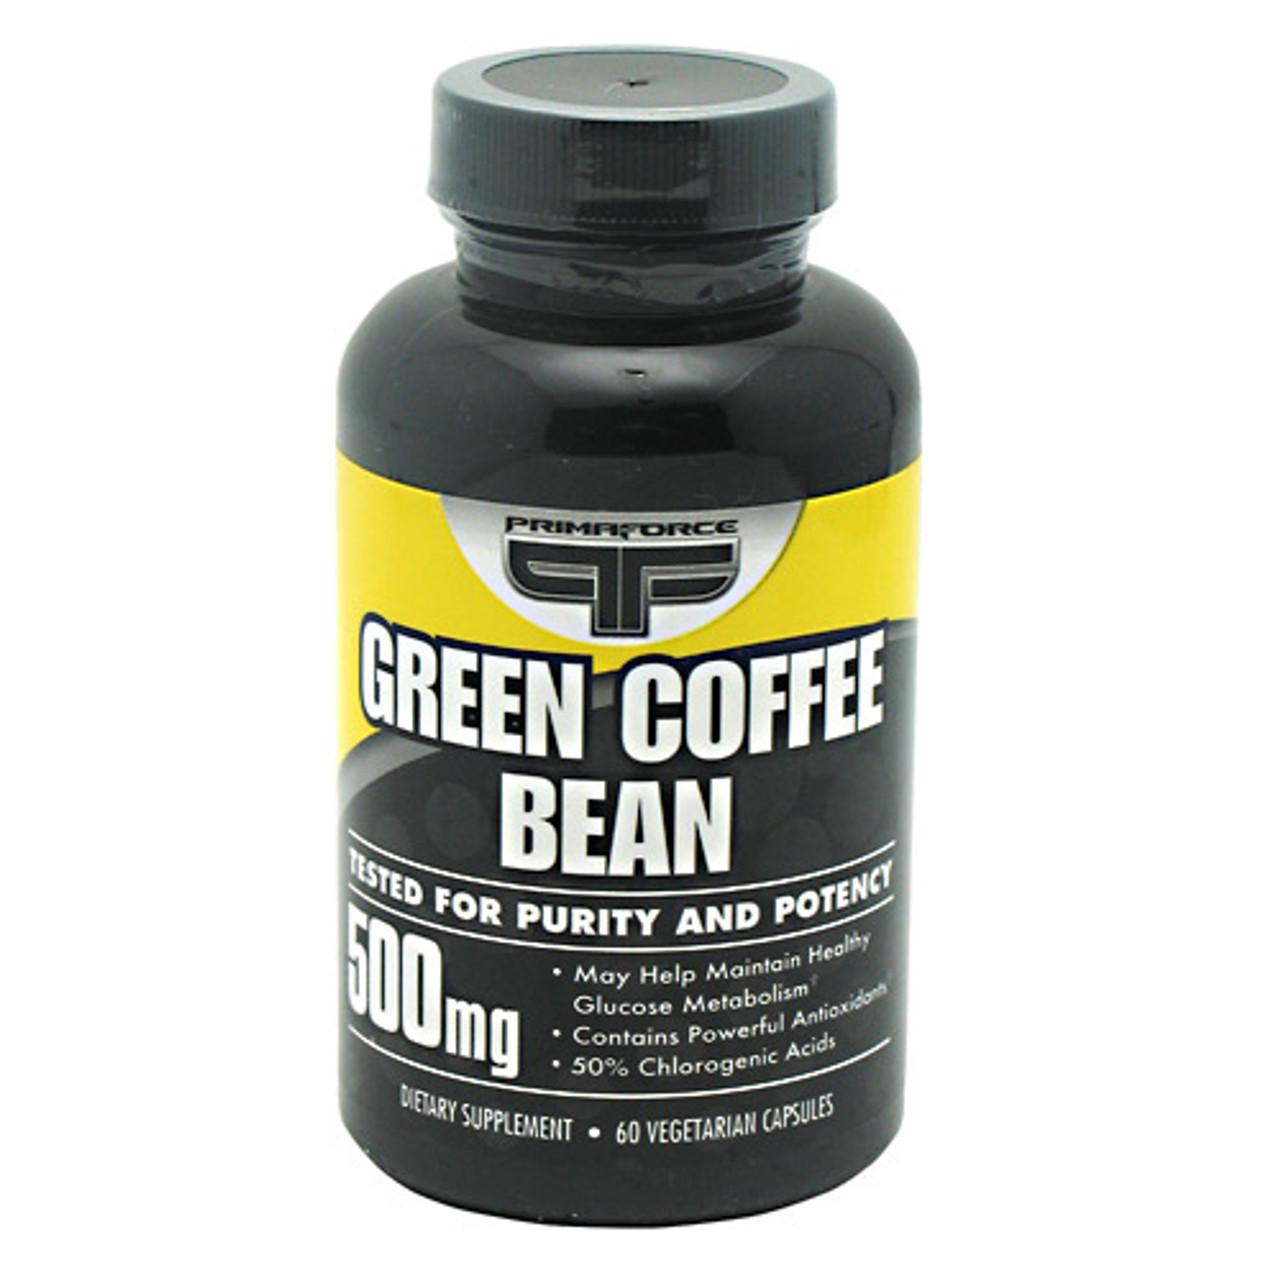 Green Coffee Bean 60 Servings Primaforce